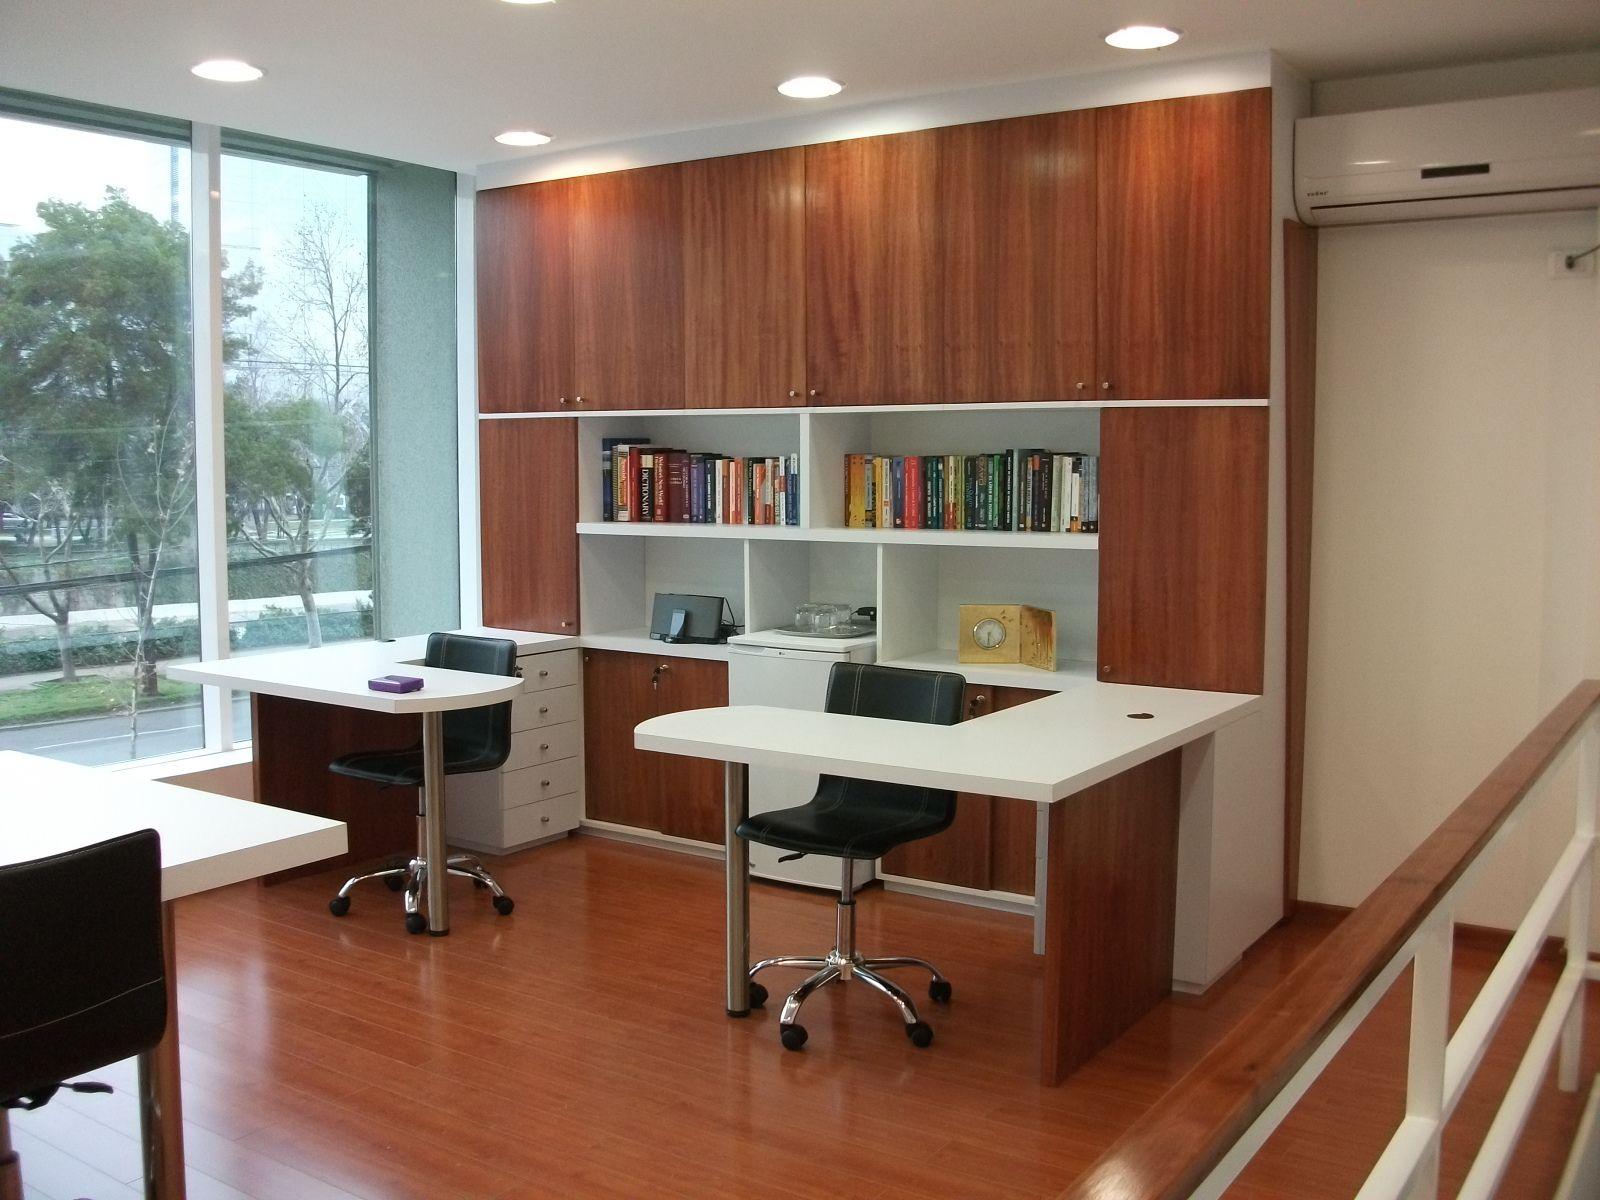 Biblioteca con puertas enchapadas en madera natural dos for Cocinas integrales negras